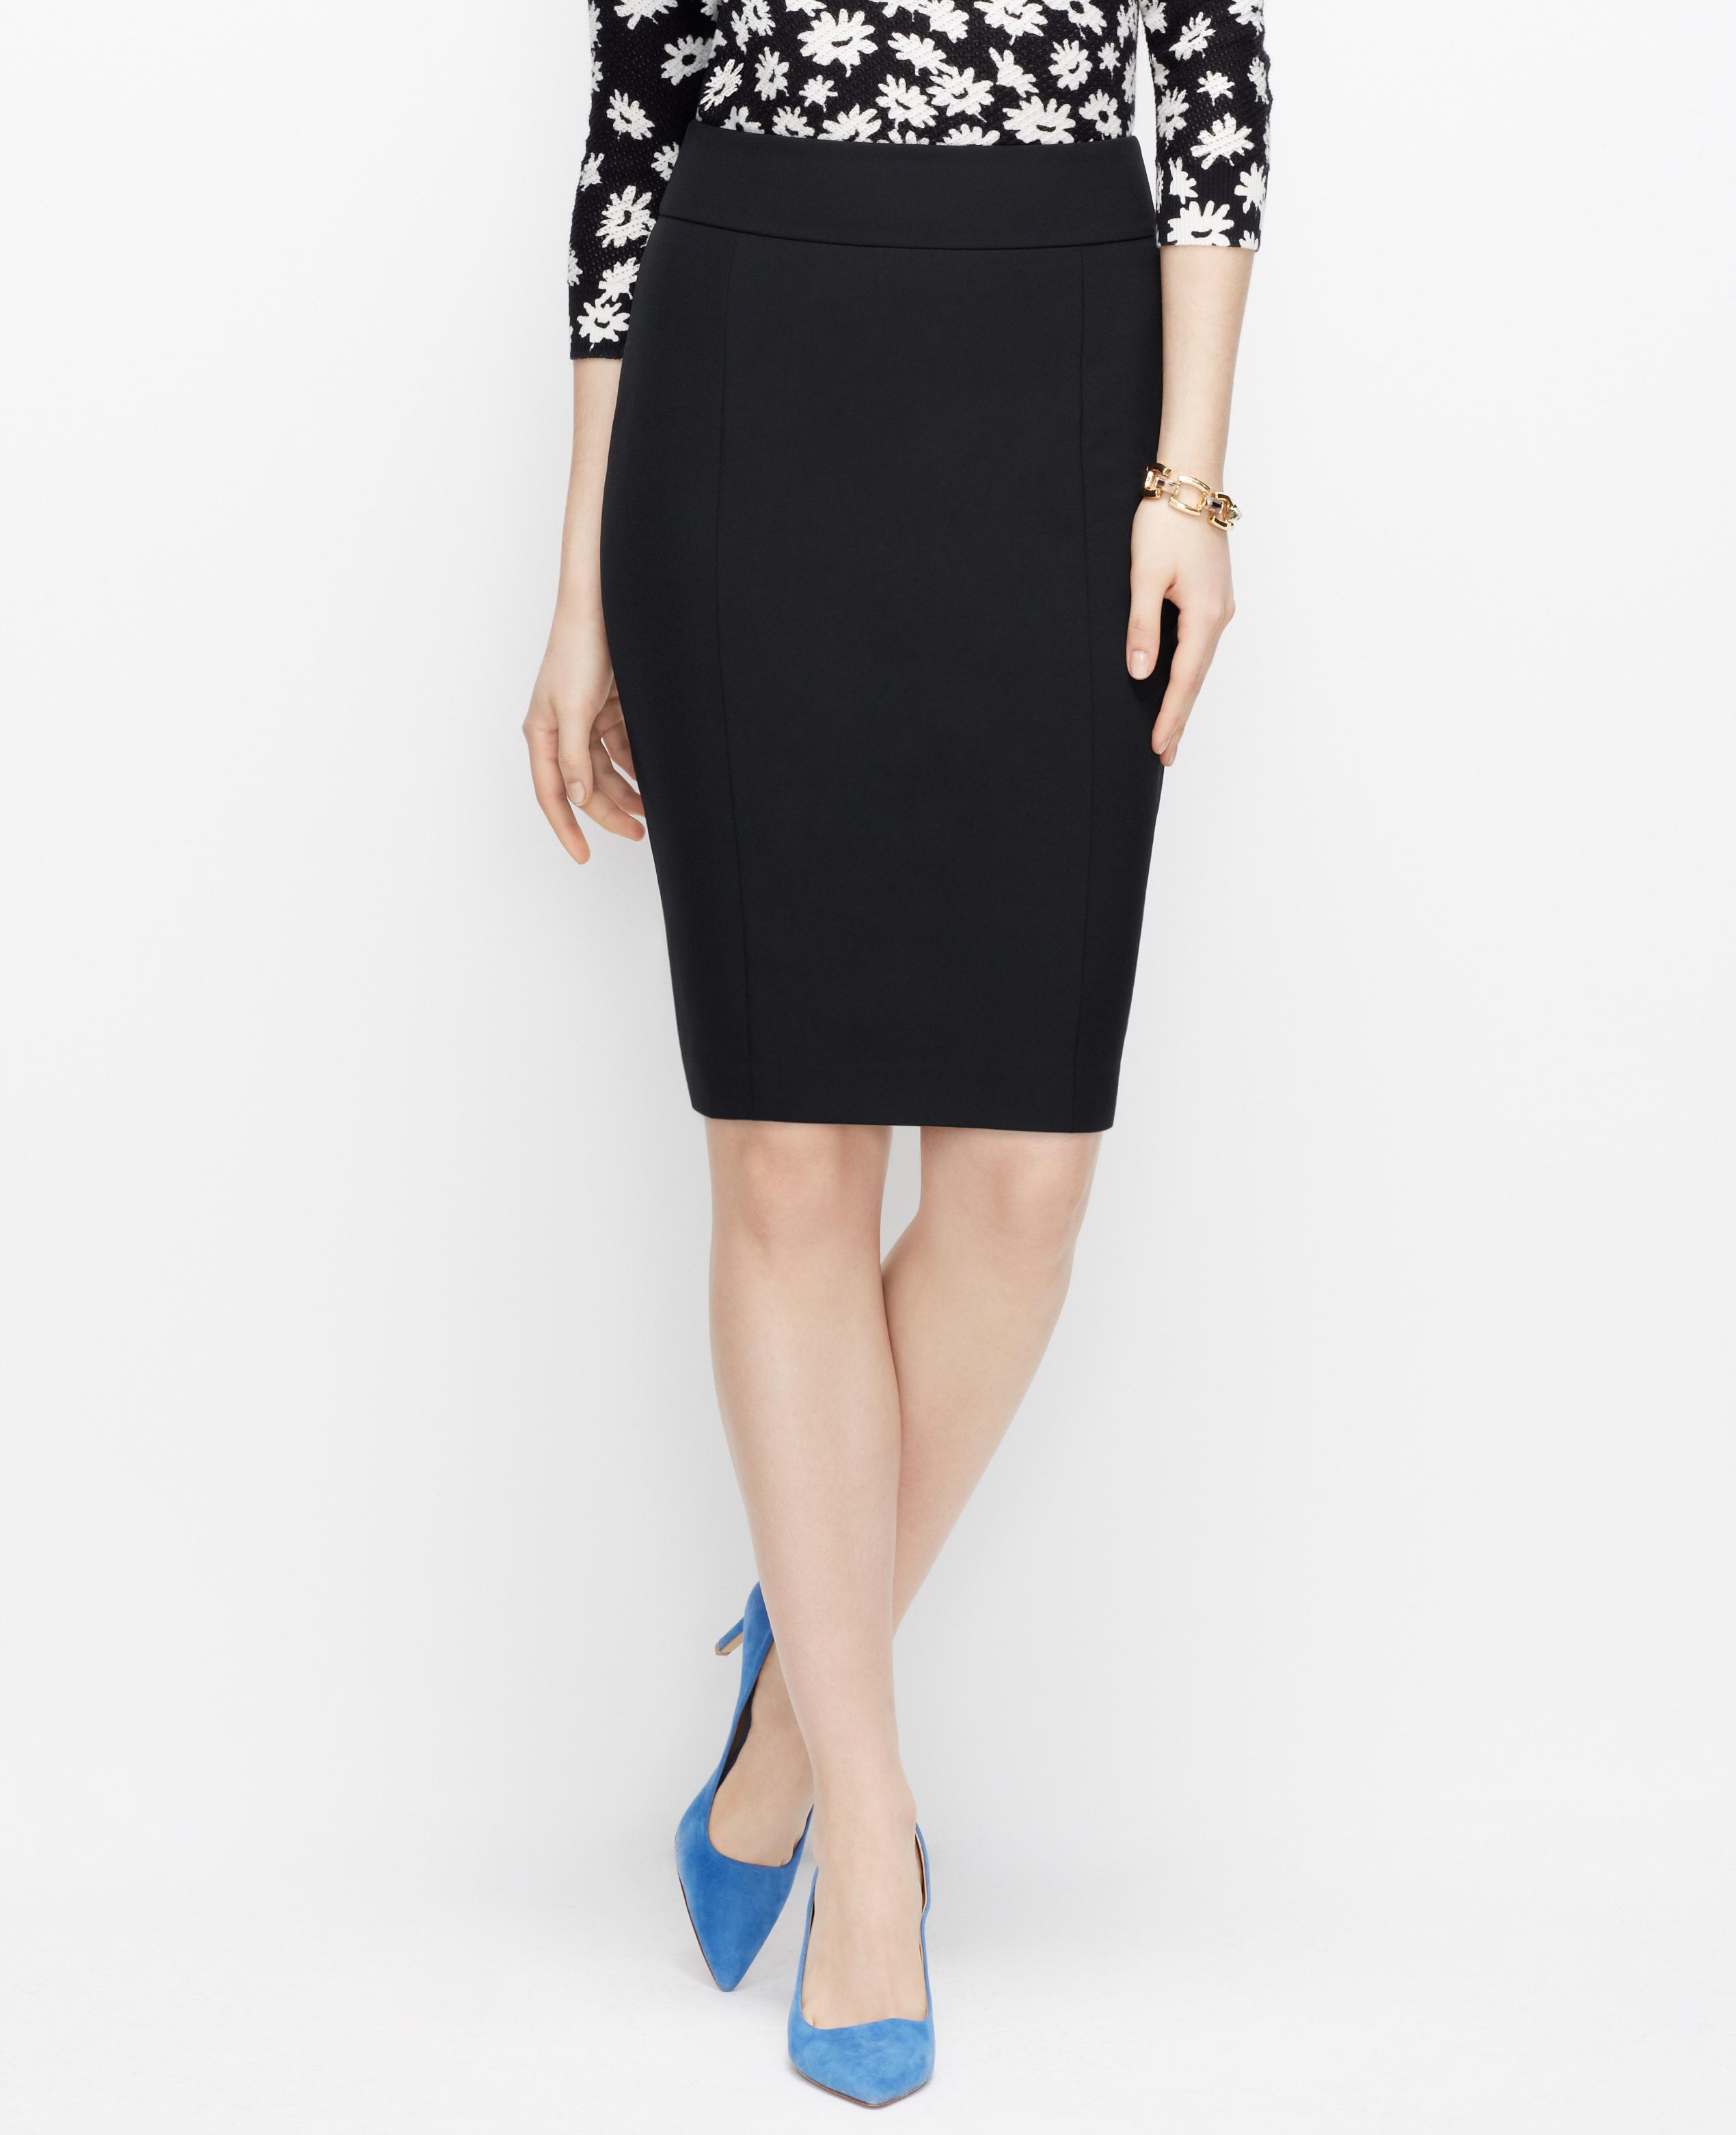 56eeb657d657 Ann Taylor Curvy Sleek Stretch Pencil Skirt in Black - Lyst